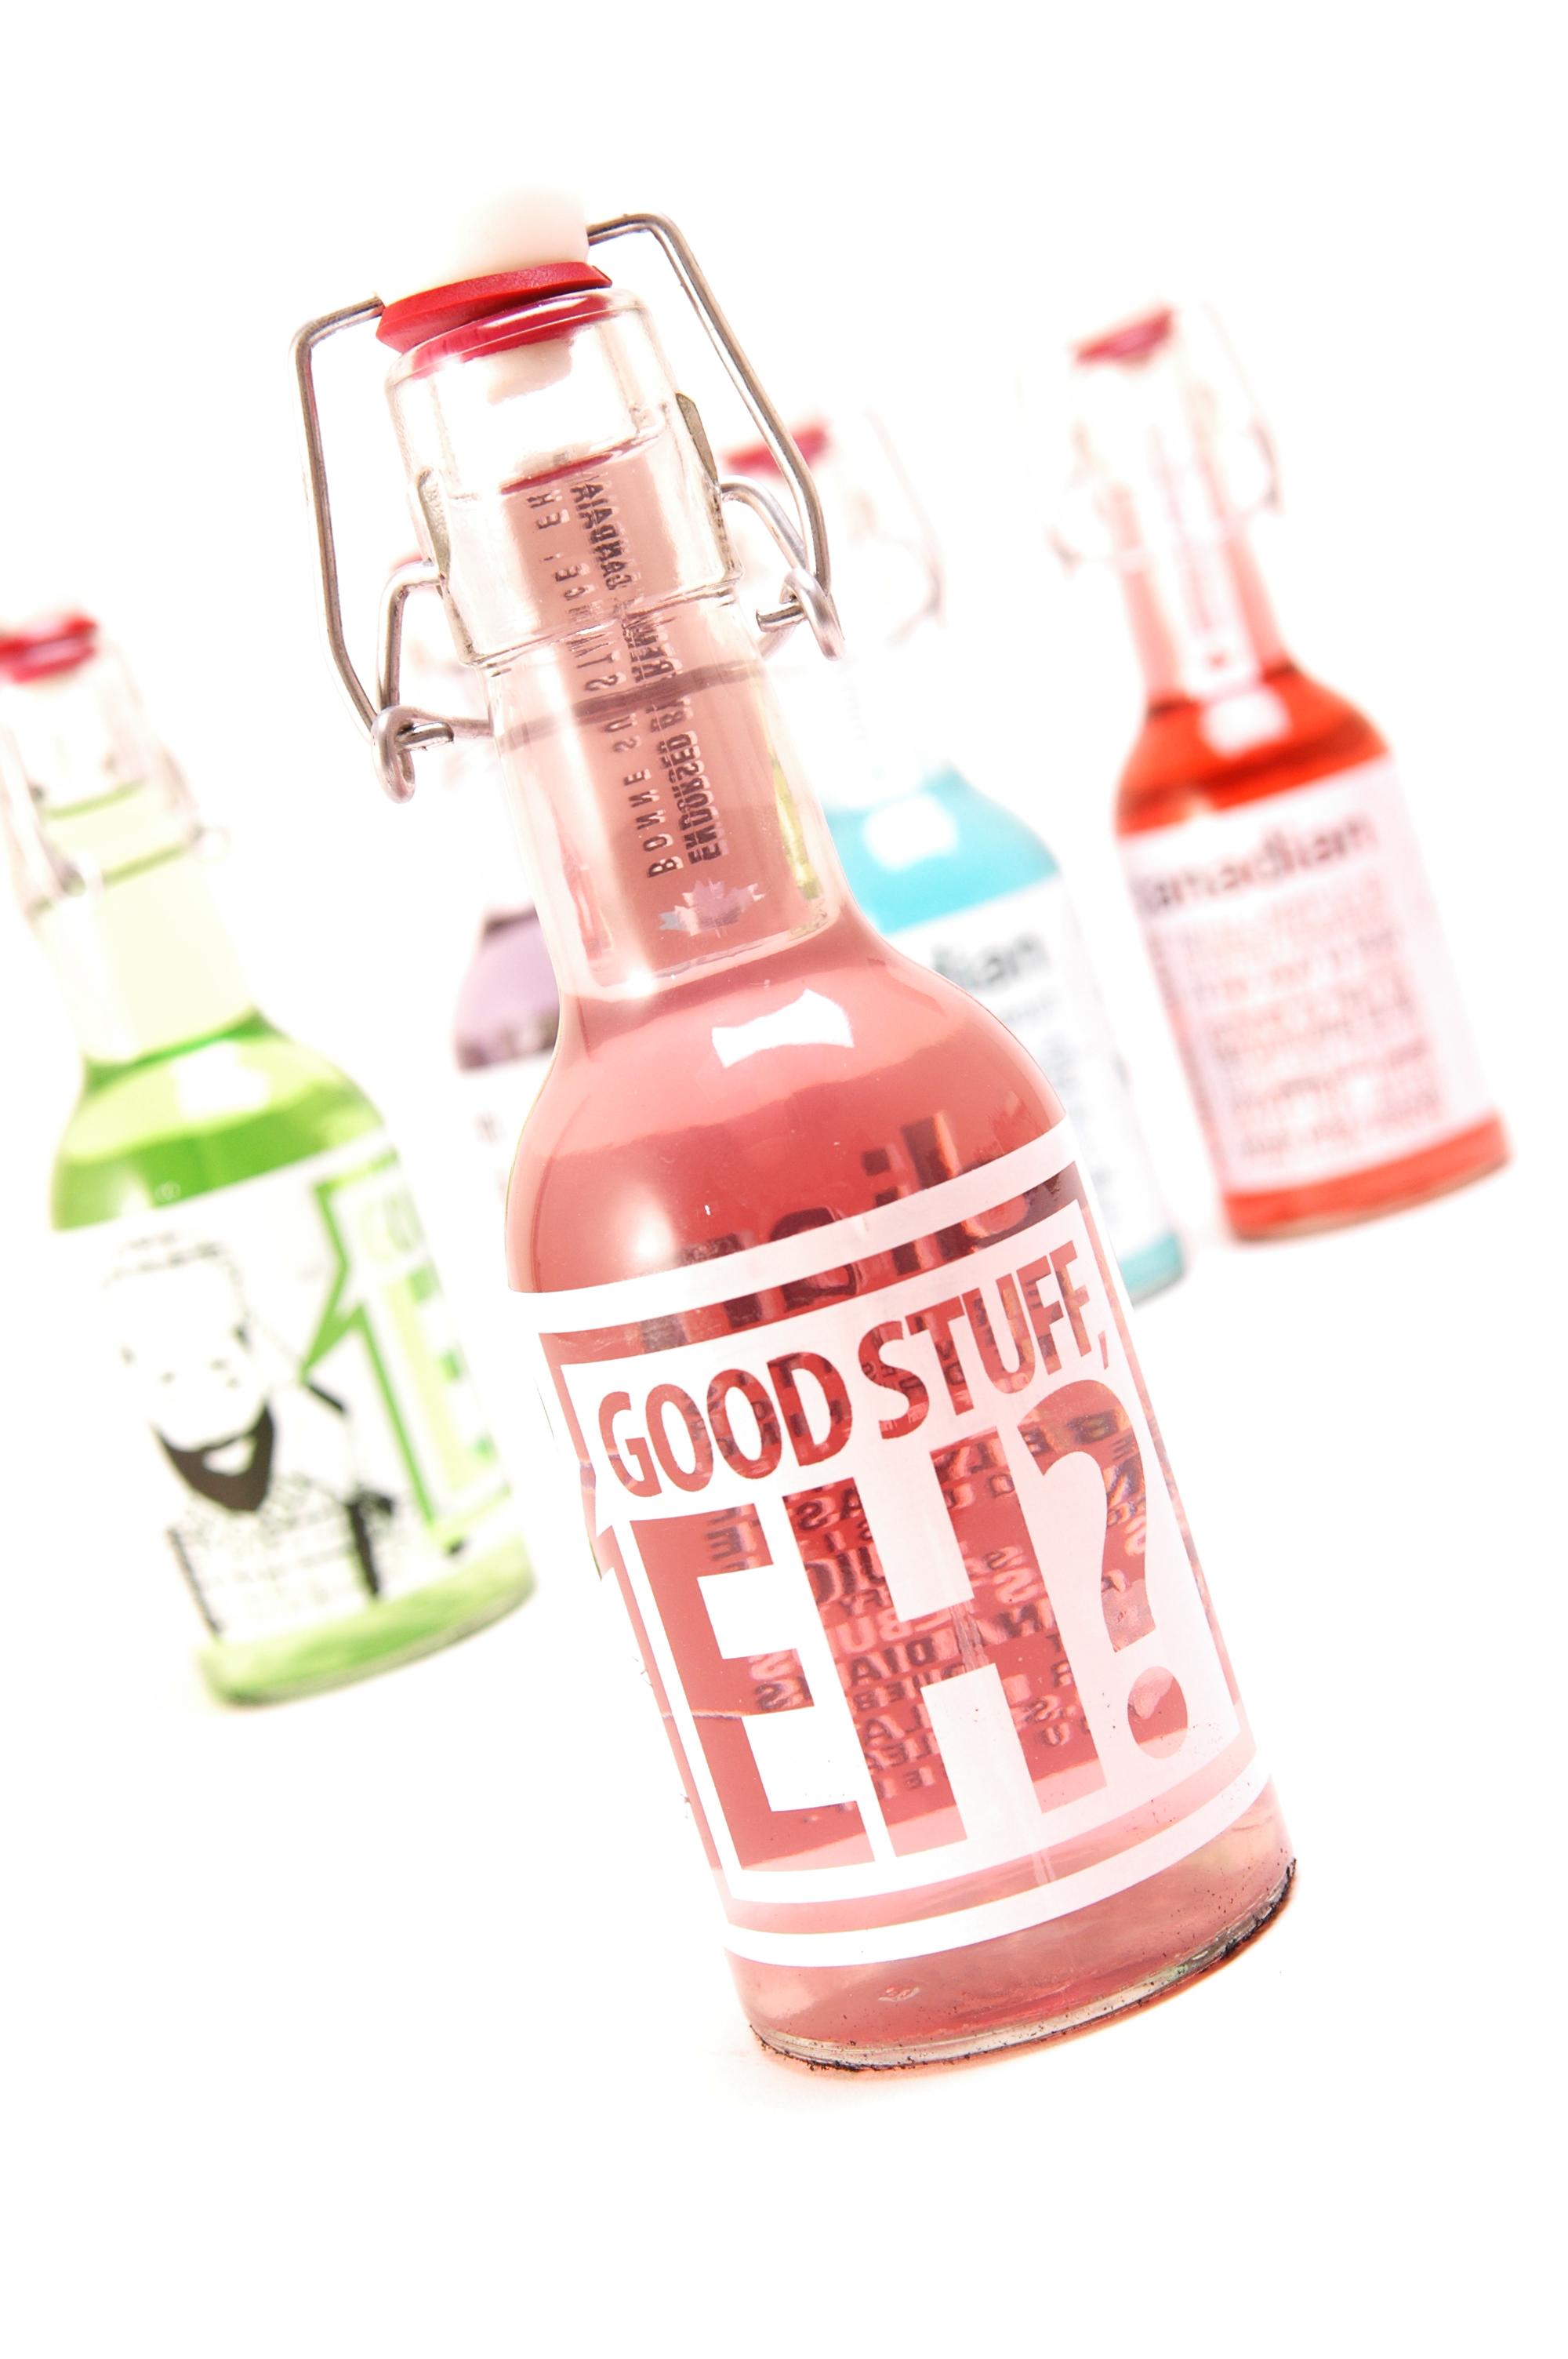 BottlesAbove2.jpg